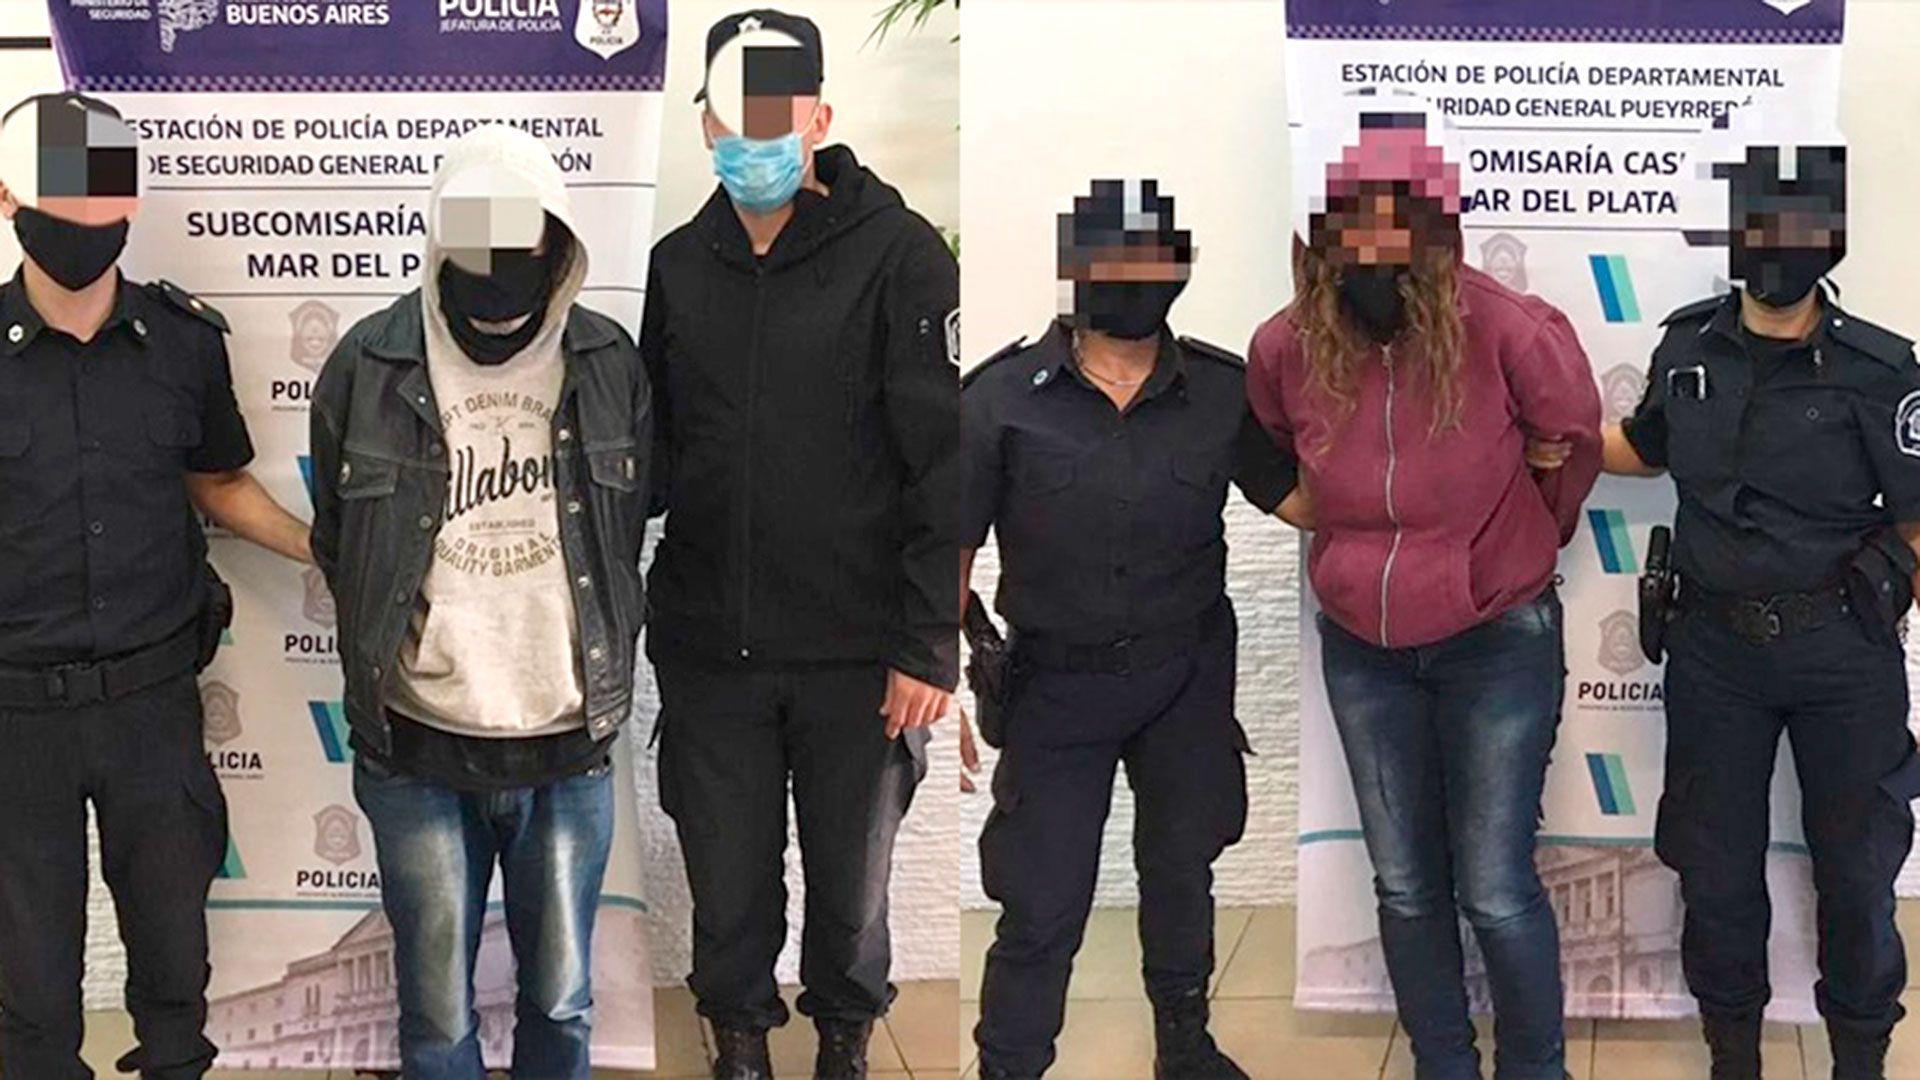 detenidos-adolescente-ayuda-Rambla-de-Mar-del-Plata-tras-un-abuso